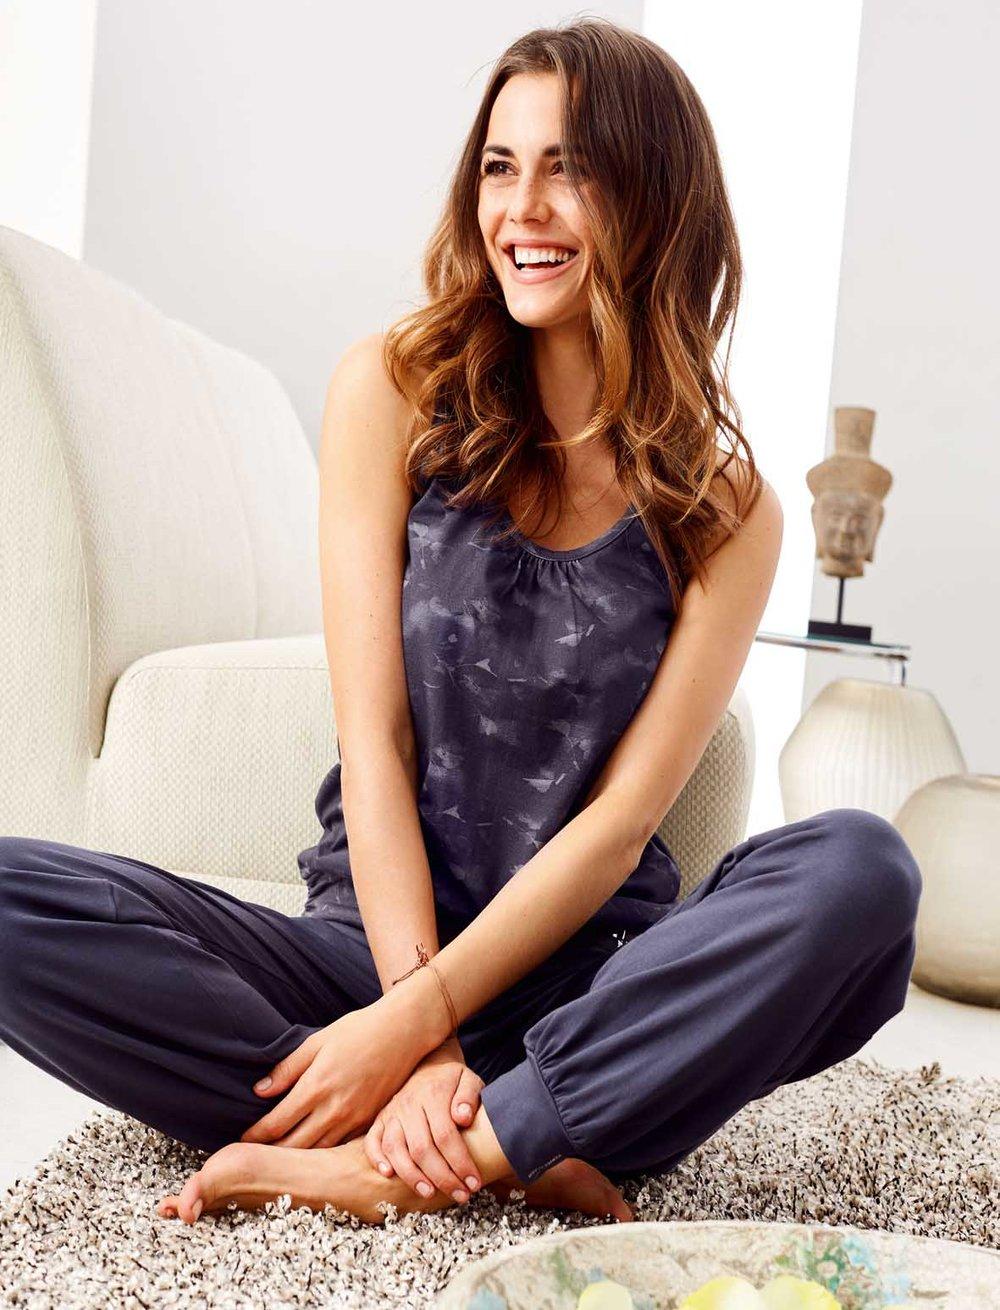 Alena für Editorial Shoot sitzt im Wohnzimmer